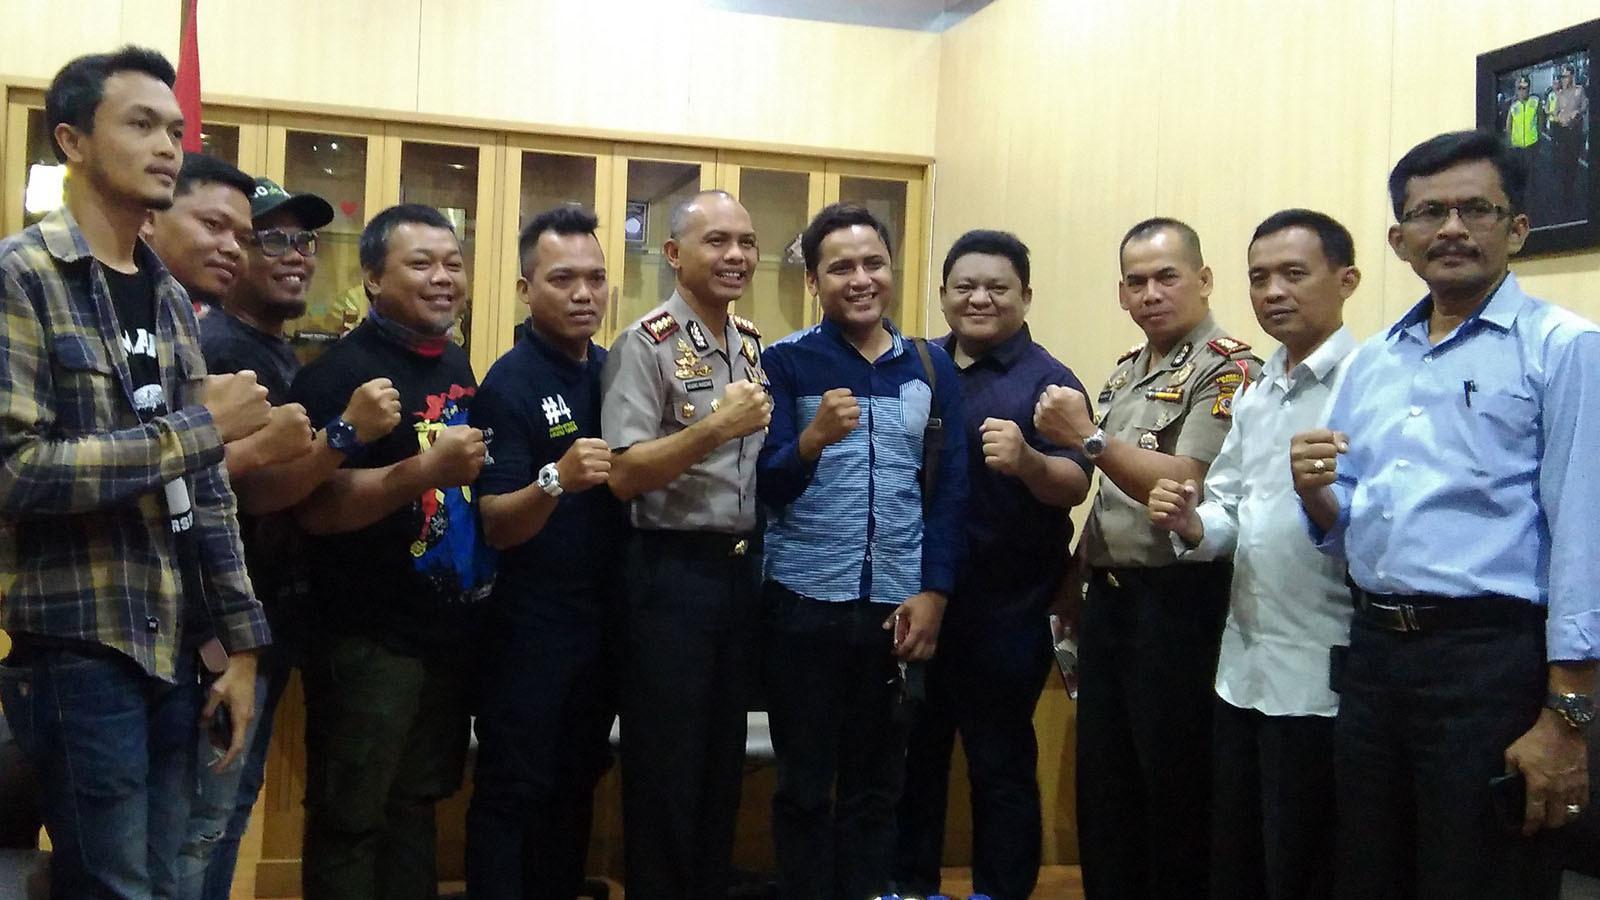 Viking Persib Club saat di Mapolrestabes Bandung, Kamis (29/3/2018). (Bola.com/Muhammad Ginanjar)